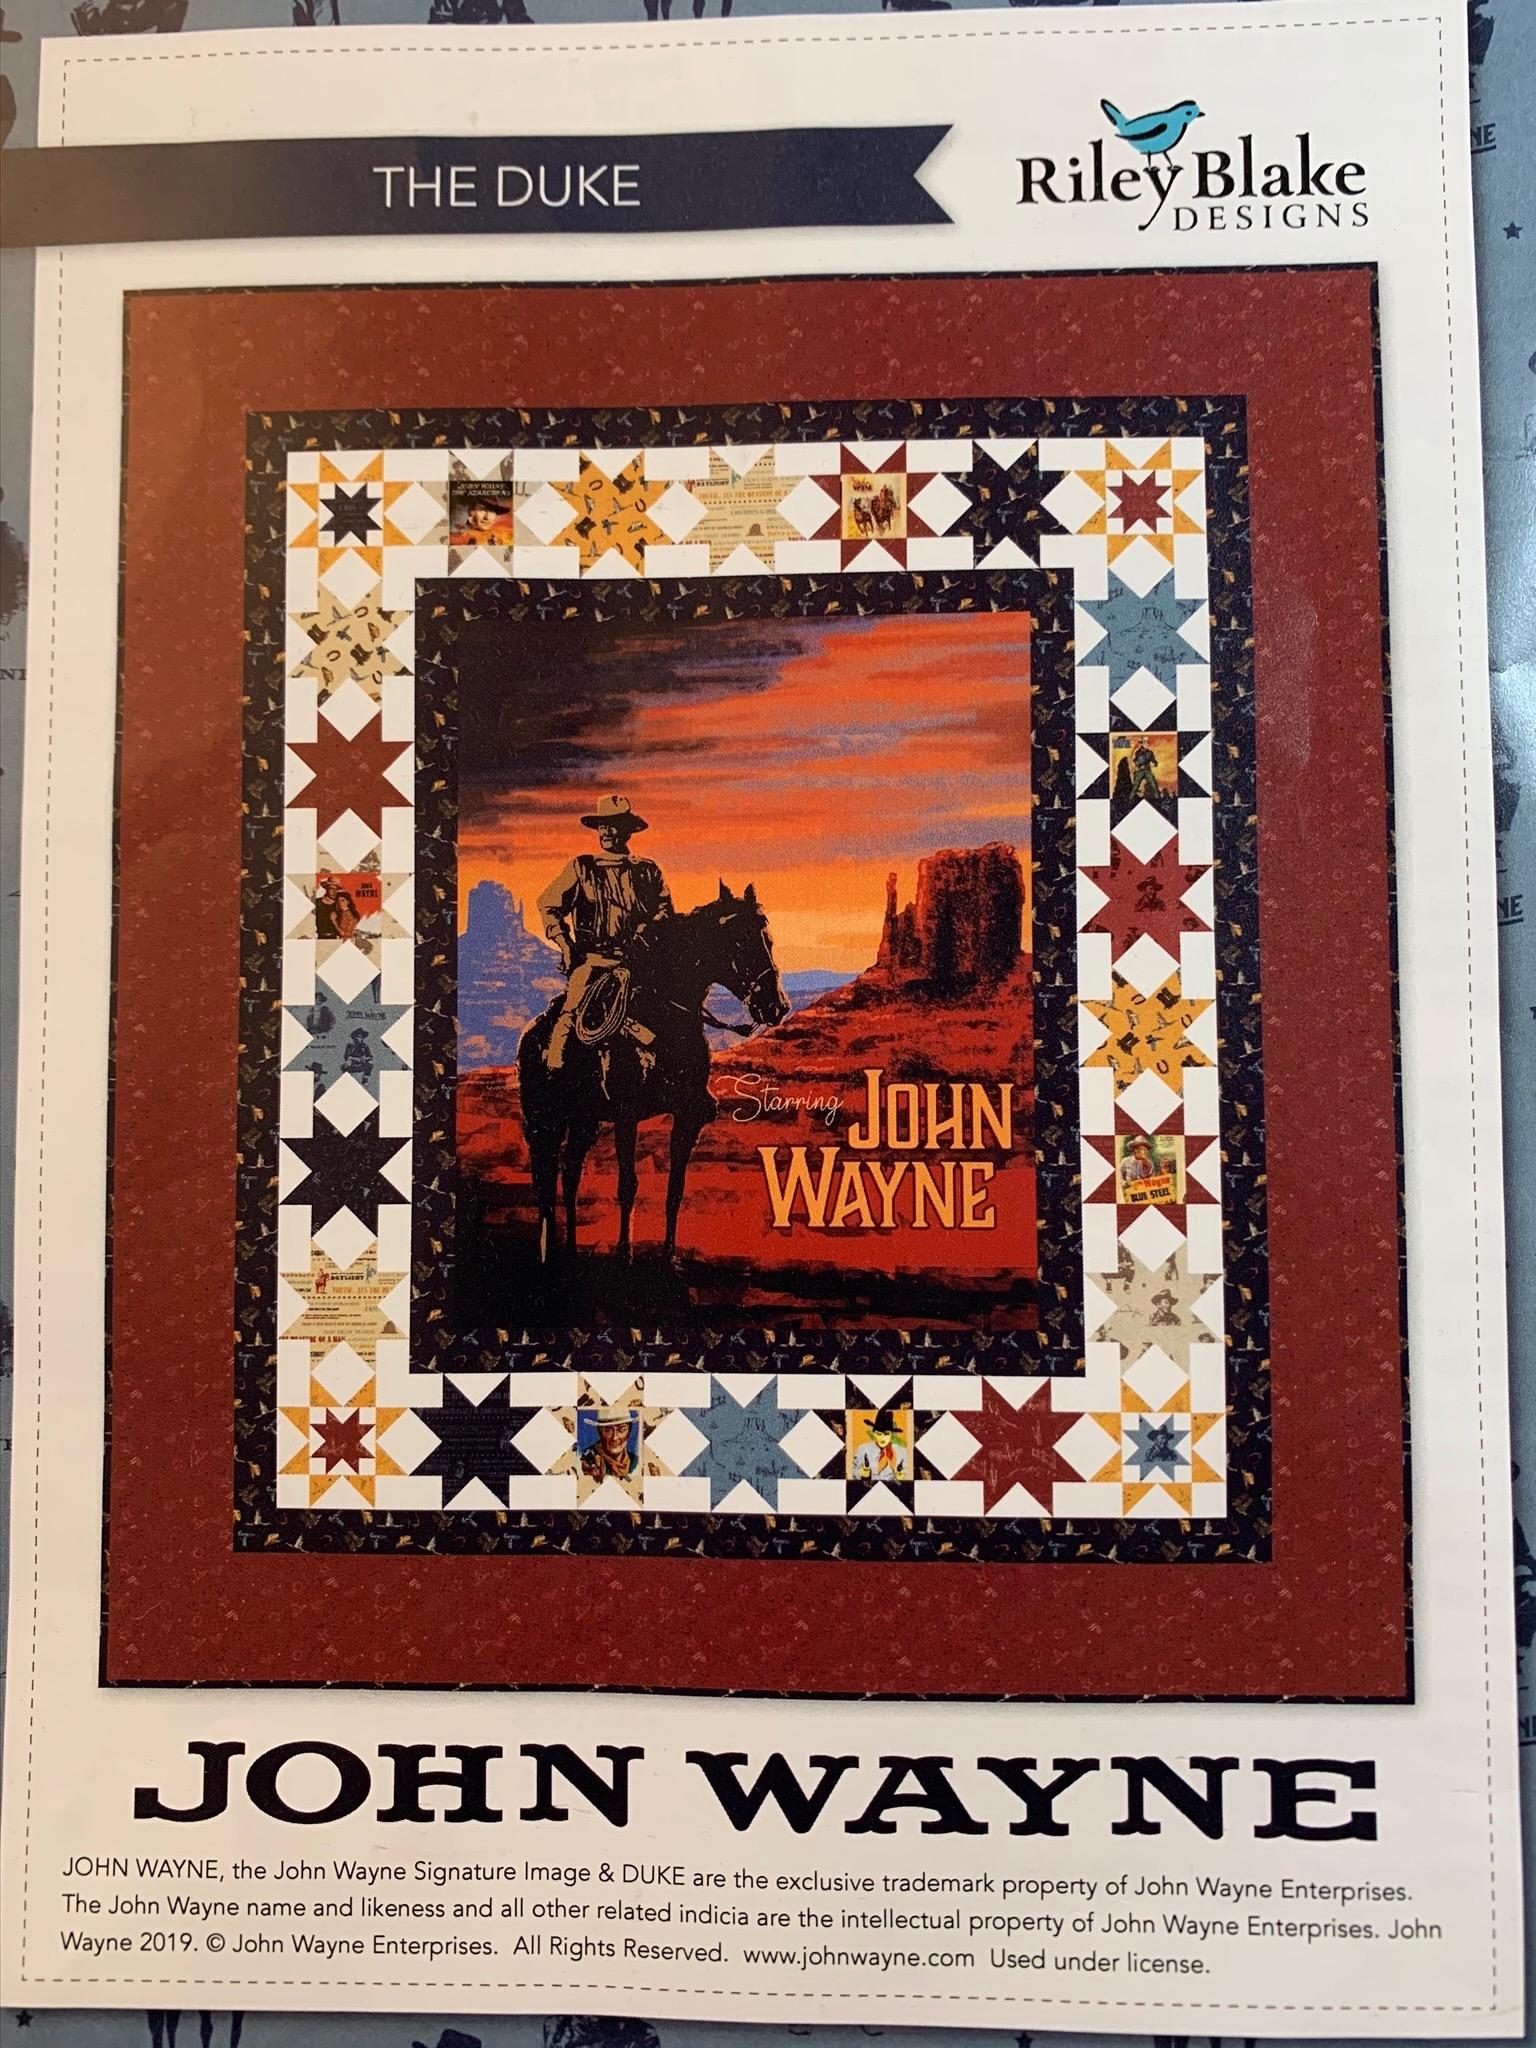 The Making Of John Wayne Quilt By Riley Blake